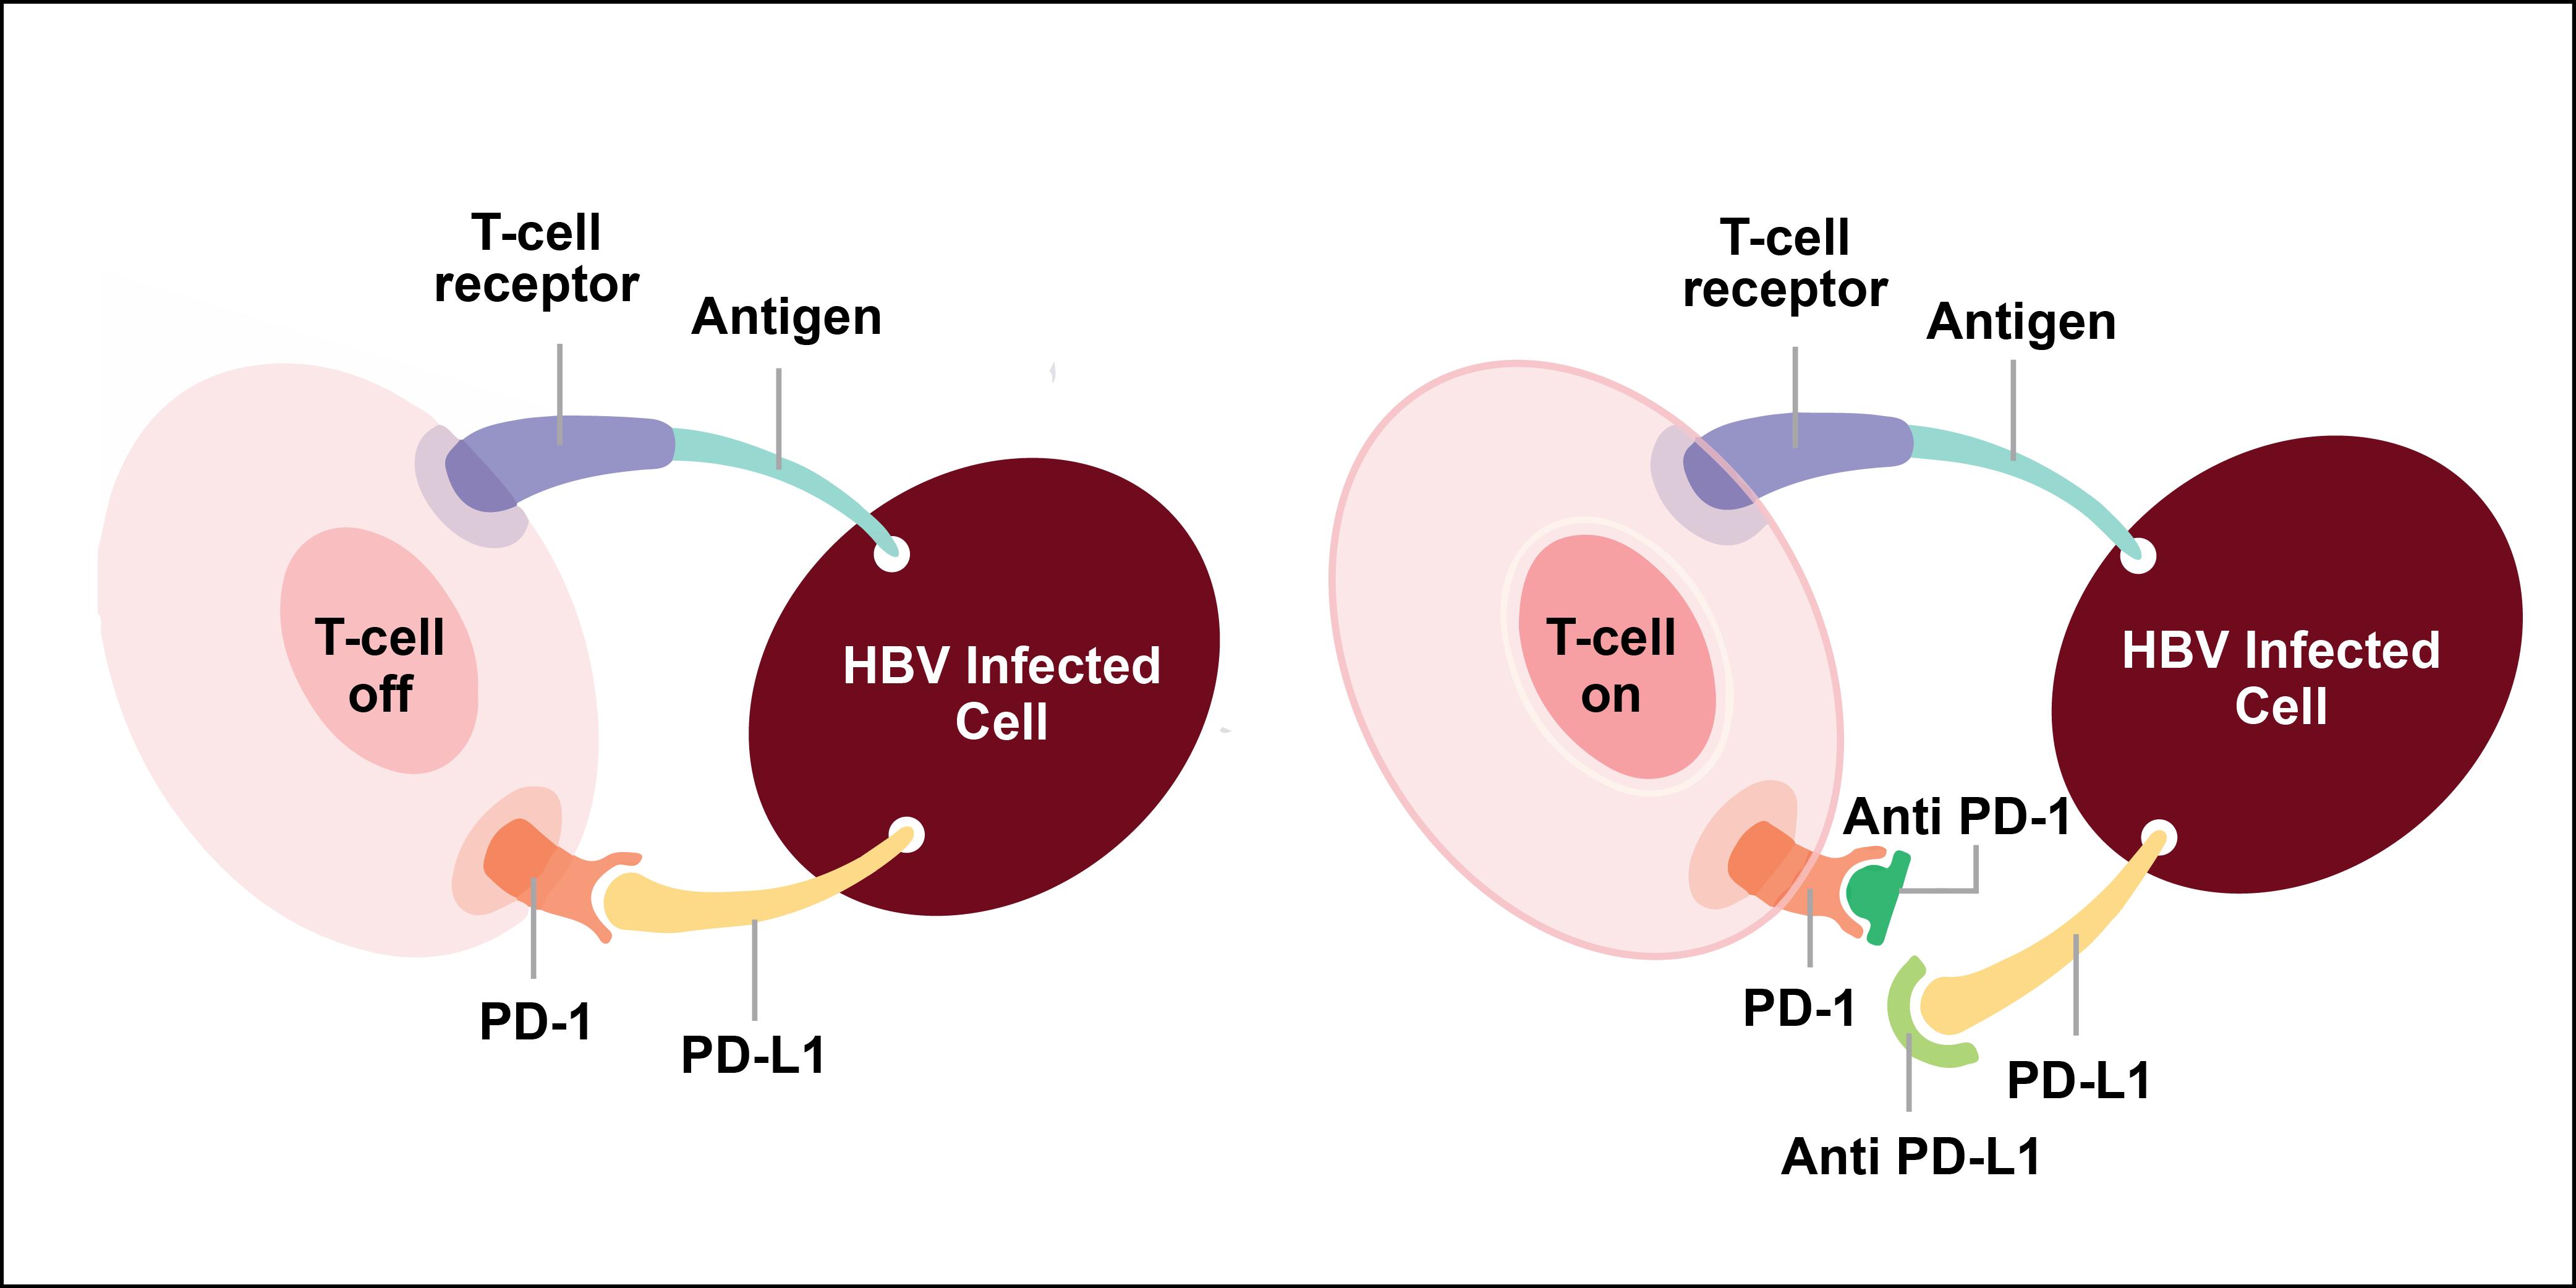 (左)HBV 感染細胞可透過表面的 PD-L1 連結 T 細胞表面的 PD-1,抑制 T 細胞。(右)透過 PD-1 抗體及 PDL-1 抗體阻斷連結, T 細胞可以保持活化,發揮免疫功能。資料來源│https://www.smartpatients.com 圖說重製│林任遠、張語辰